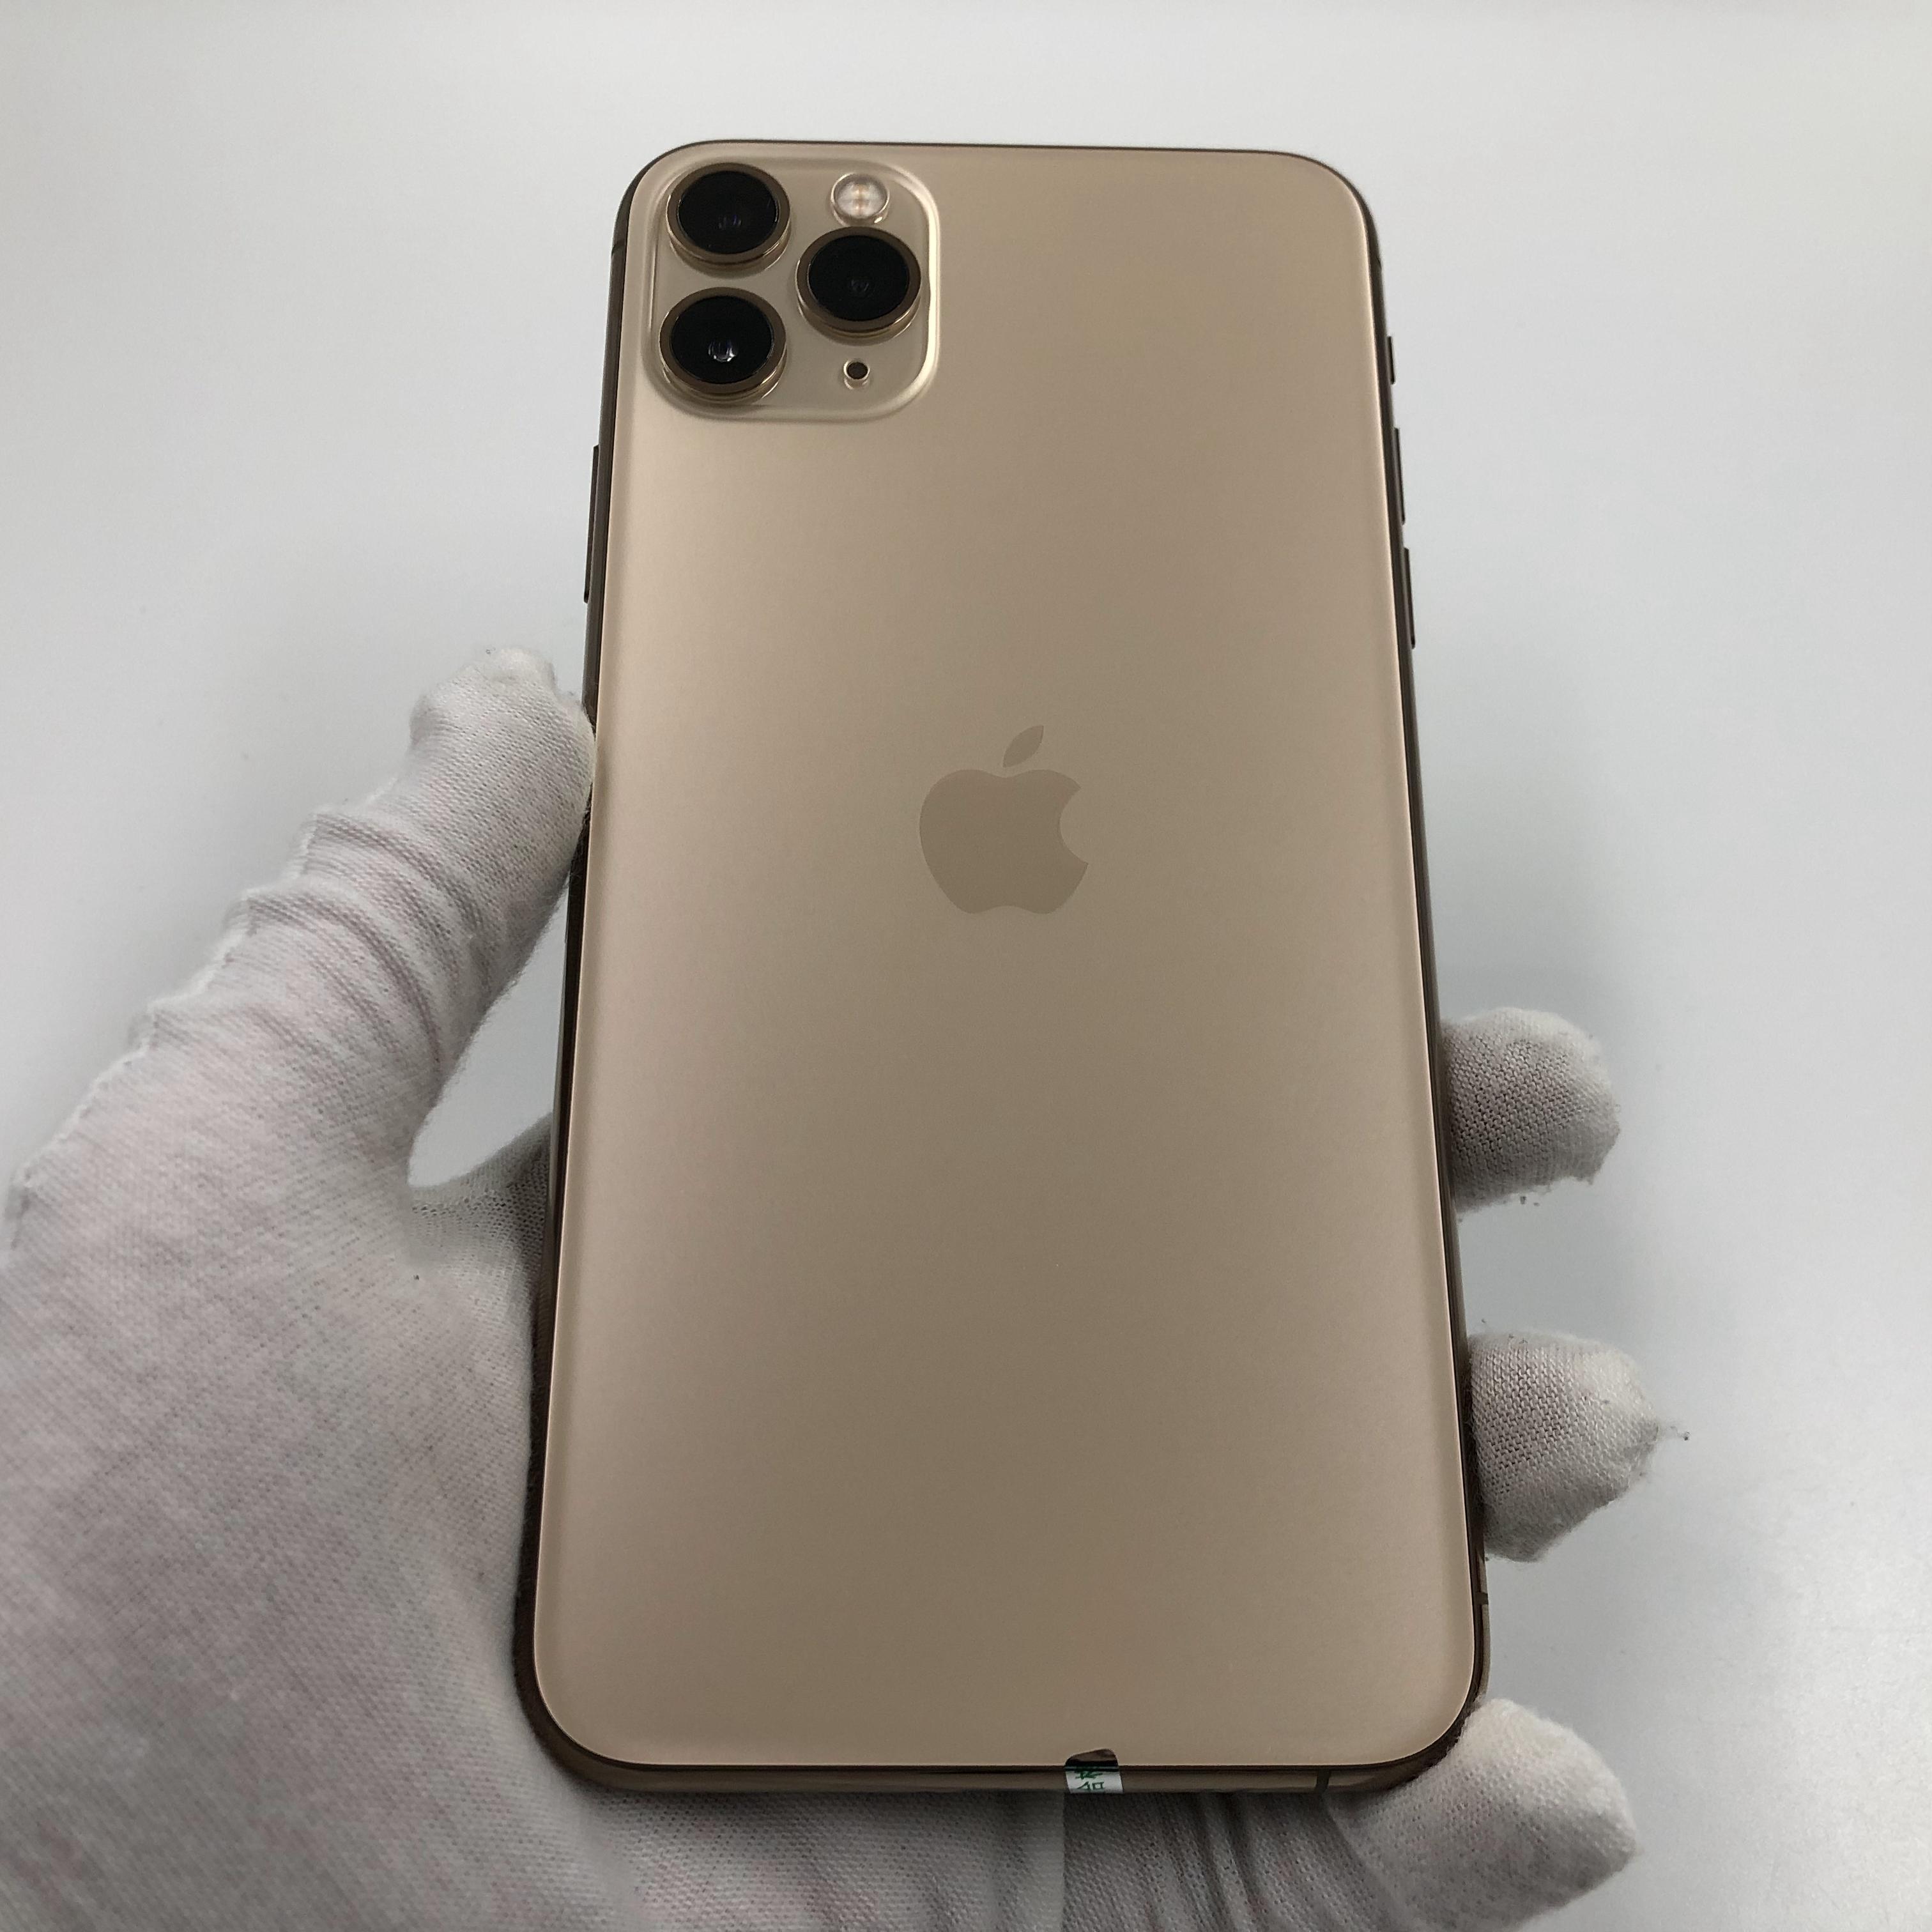 苹果【iPhone 11 Pro Max】4G全网通 金色 256G 国行 95新 真机实拍